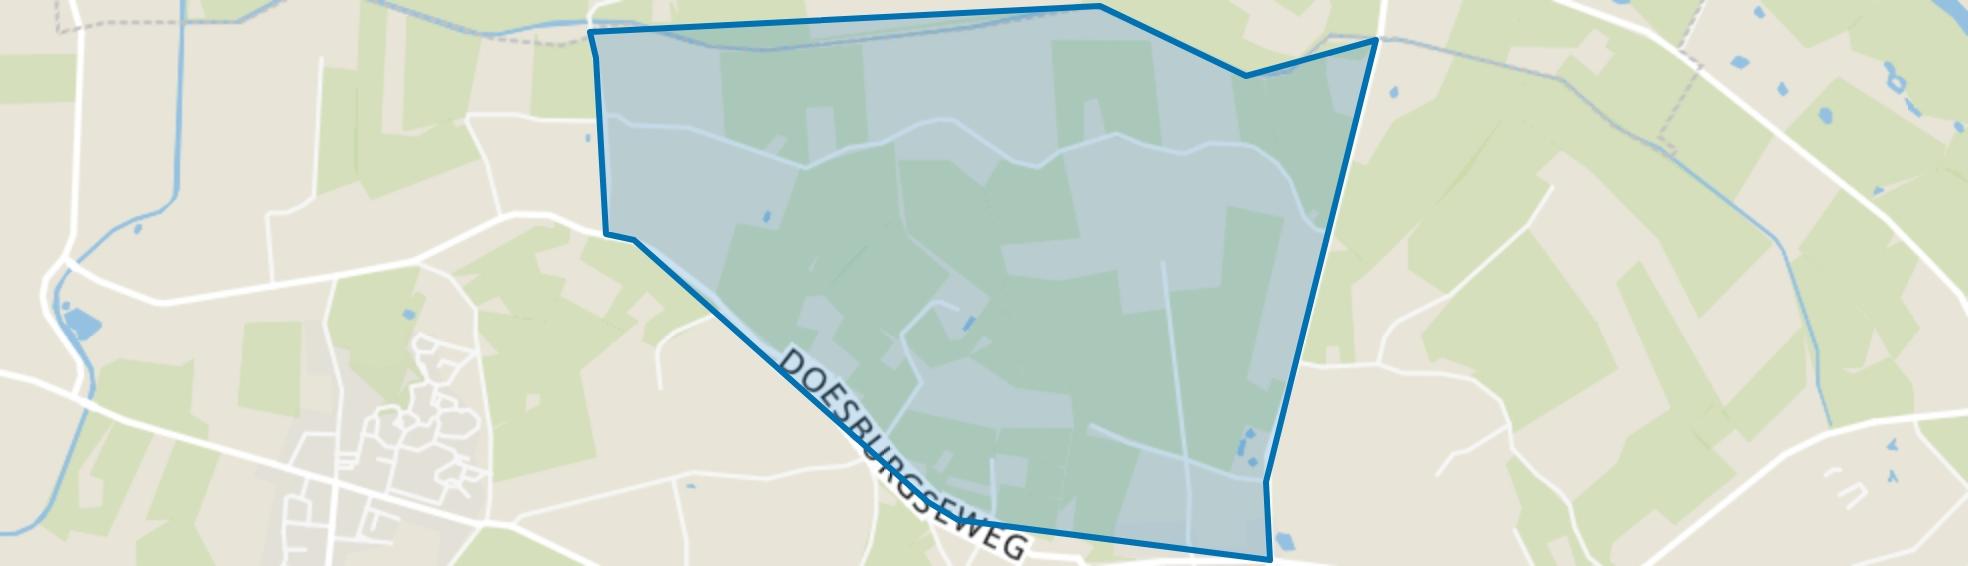 Wehl-Noord, Wehl map